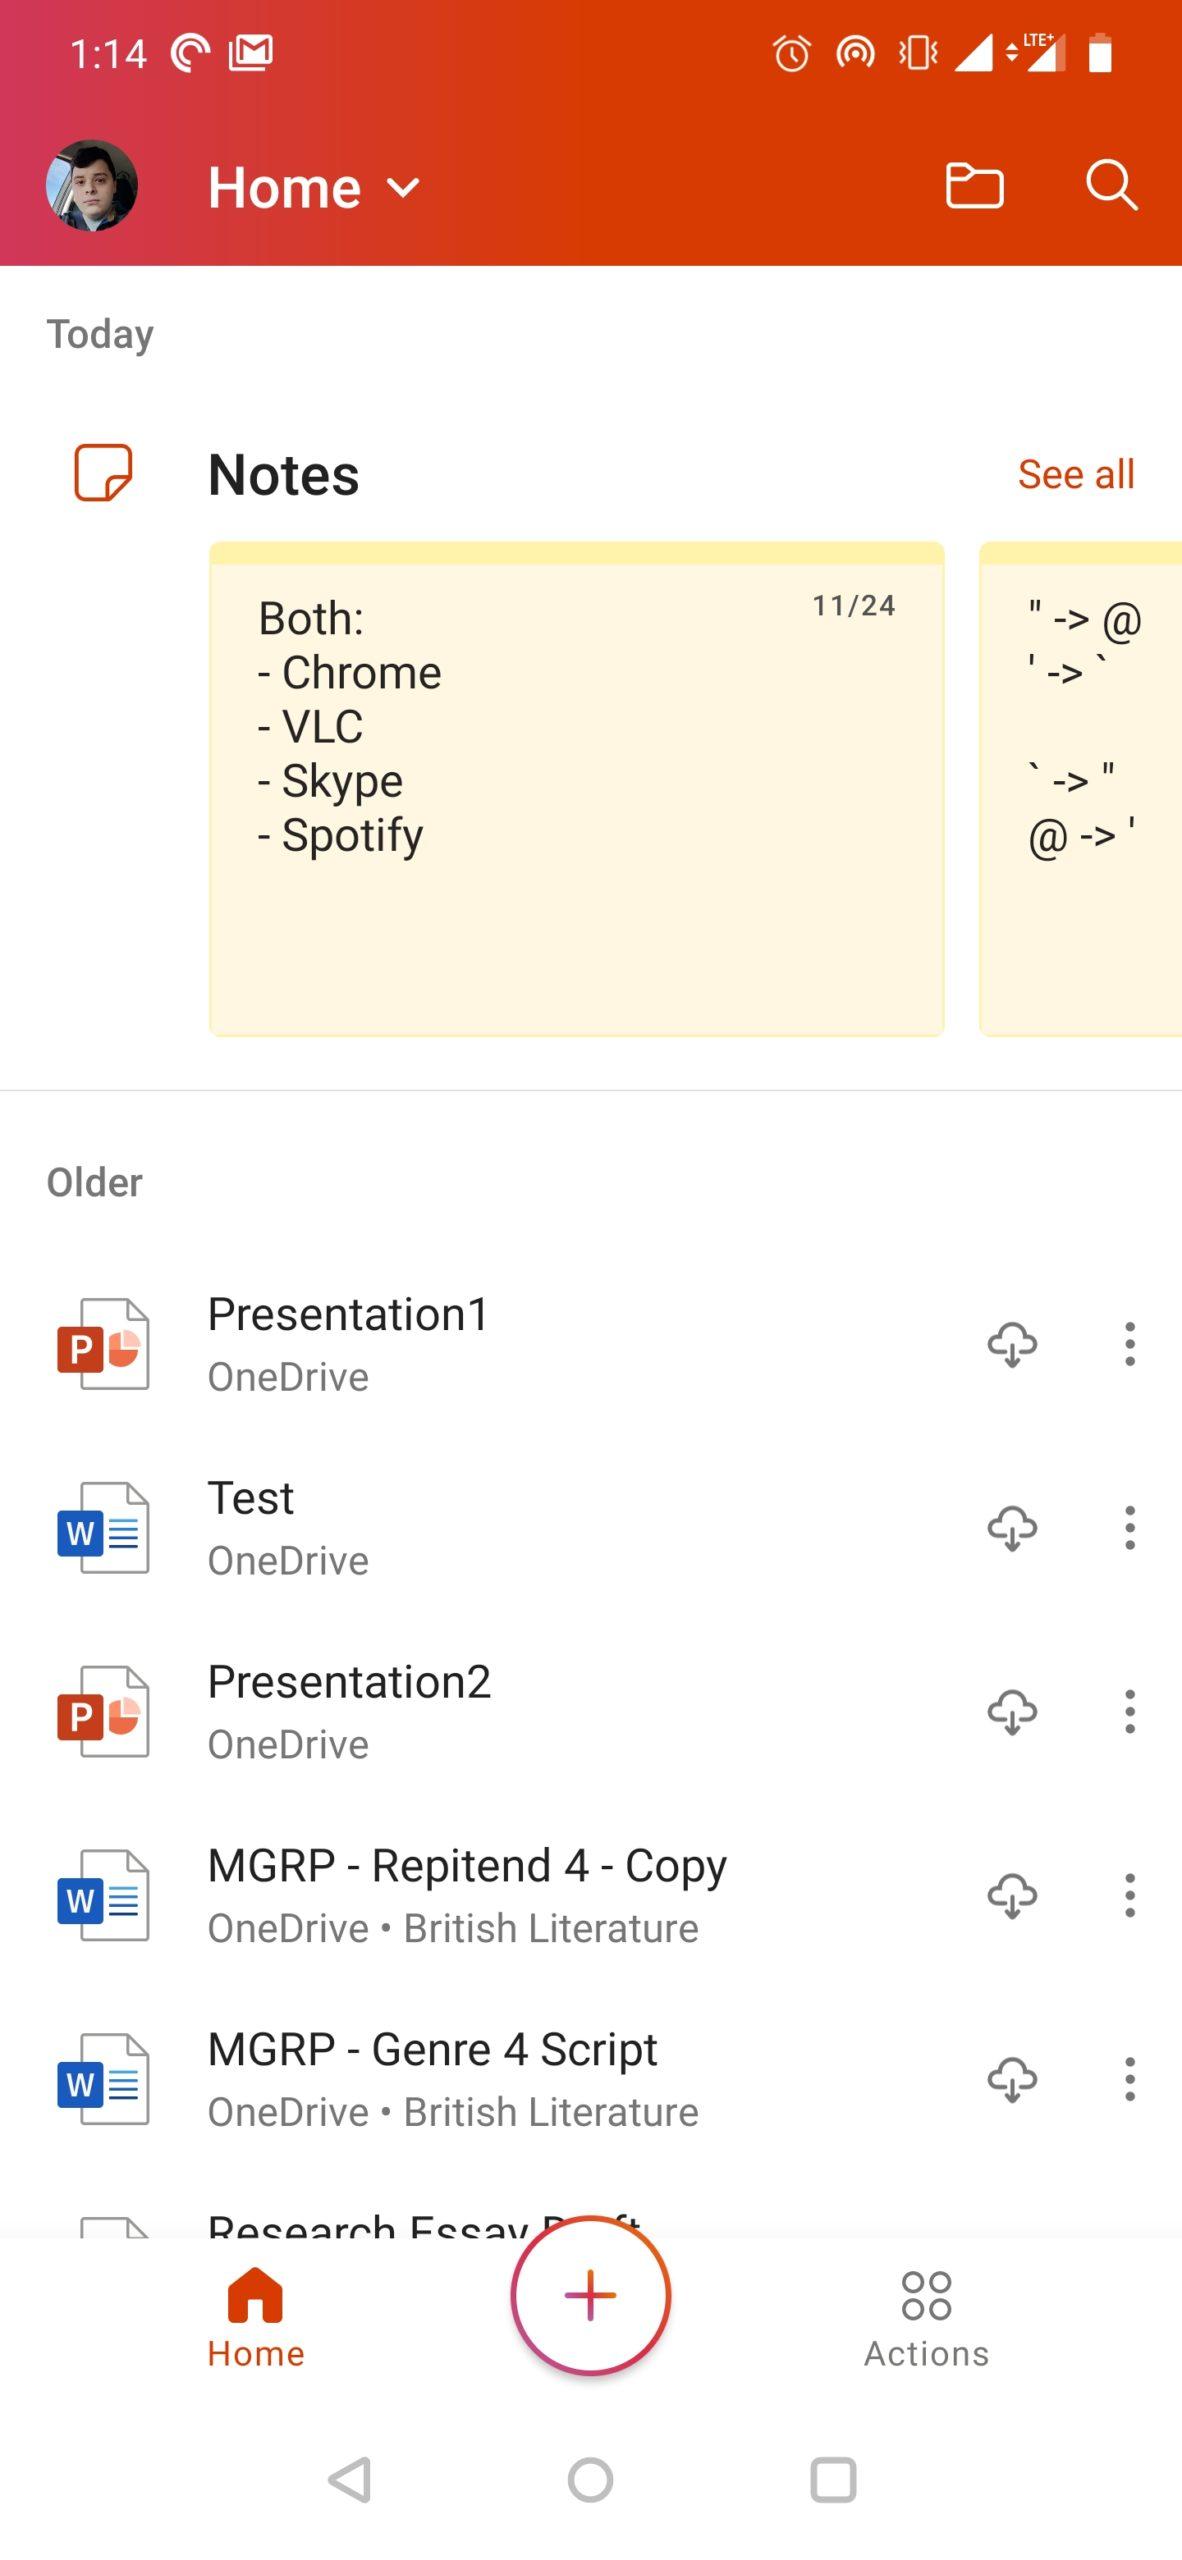 Ngày trước, bạn có thể xem và chỉnh sửa các file Google Docs từ một ứng dụng Drive duy nhất, thế nhưng, sau đó, Google đã chia chúng thành nhiều ứng dụng chỉnh sửa. Giờ đây, Microsoft đang làm điều người lại: họ gộp các phiên bản Android của Word, Excel và PowerPoint vào một ứng dụng duy nhất.